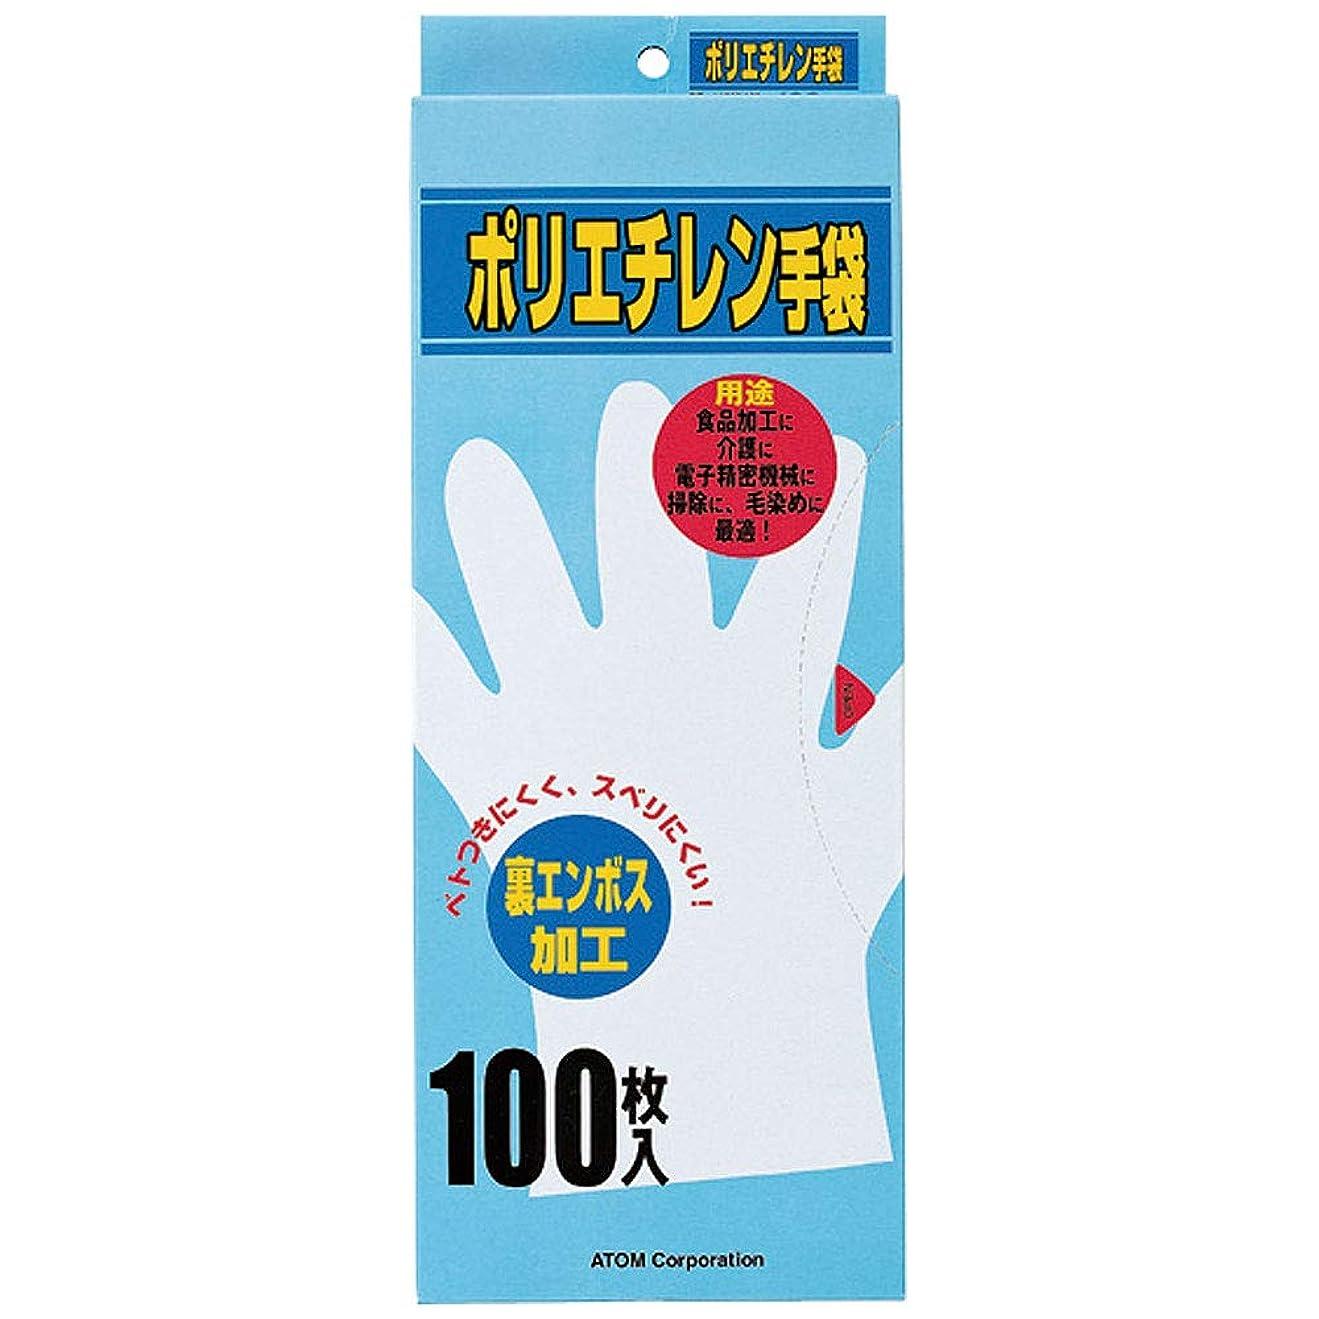 サーキットに行く花輪ミニチュアアトム ポリエチレン手袋 1720-100-S 5箱(500枚)